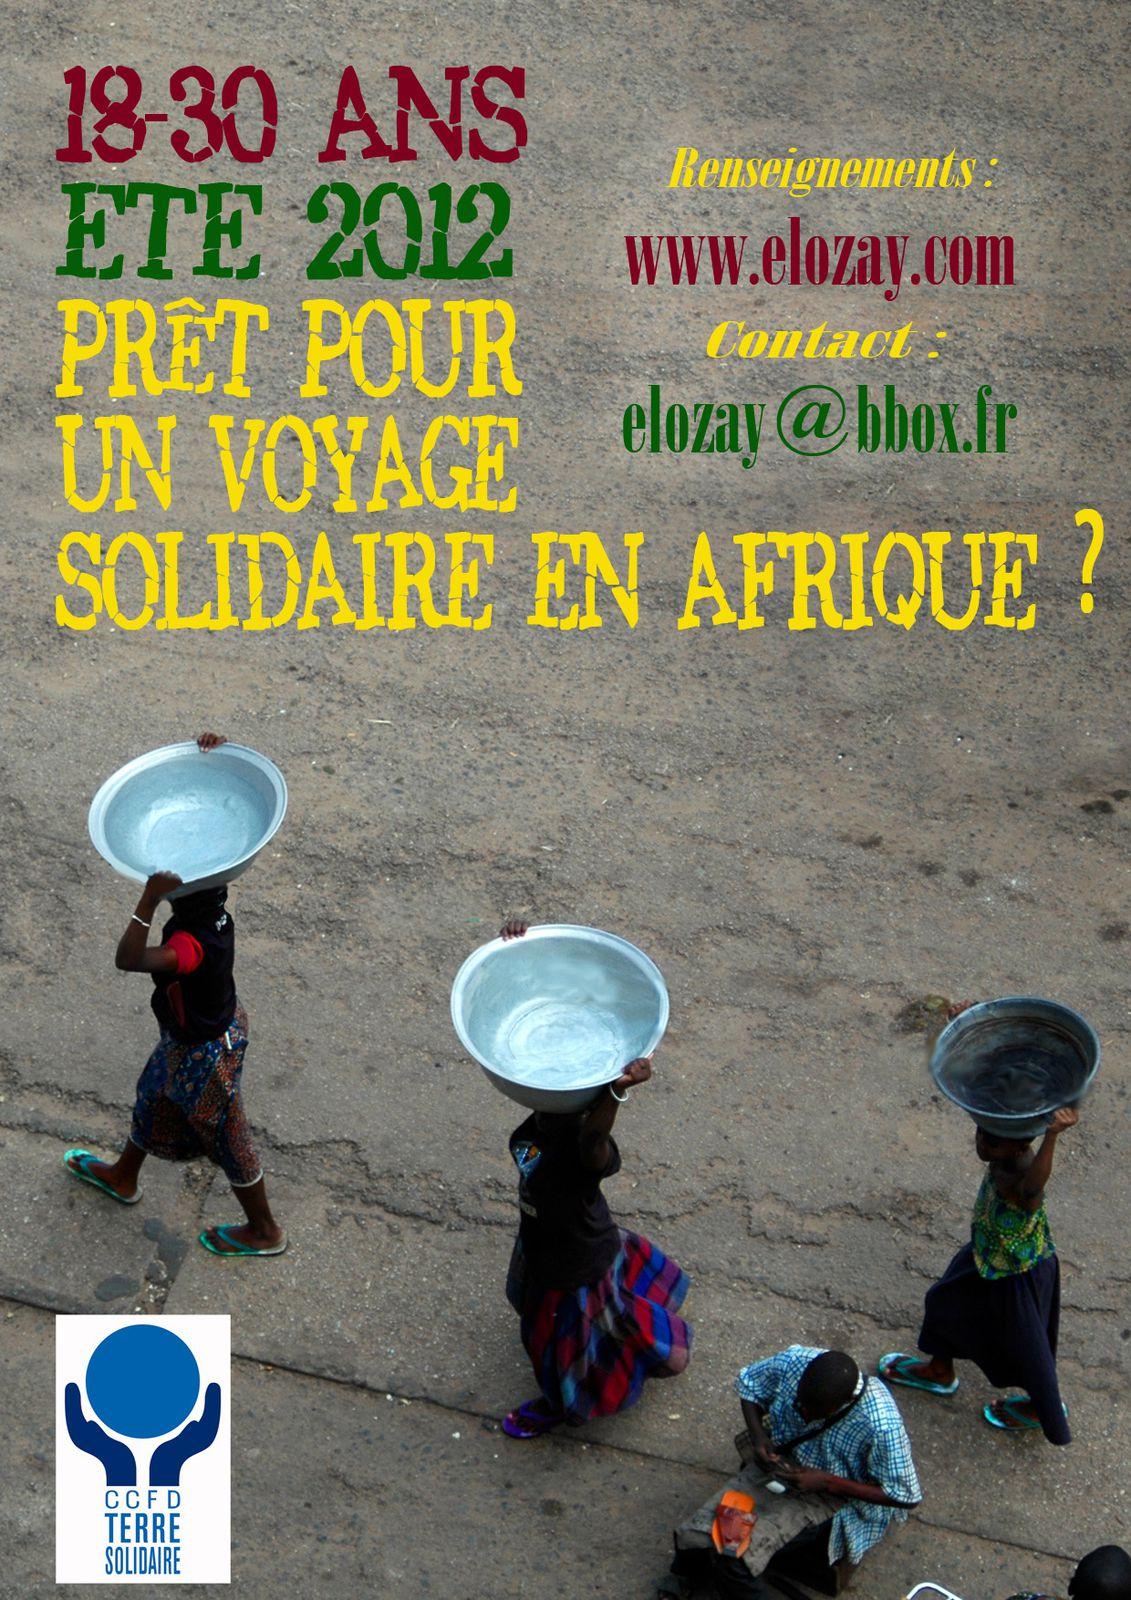 http://idata.over-blog.com/0/52/29/04/mes-images-4/Envie-d-Afrique-2012-22-net-copie-1.jpg